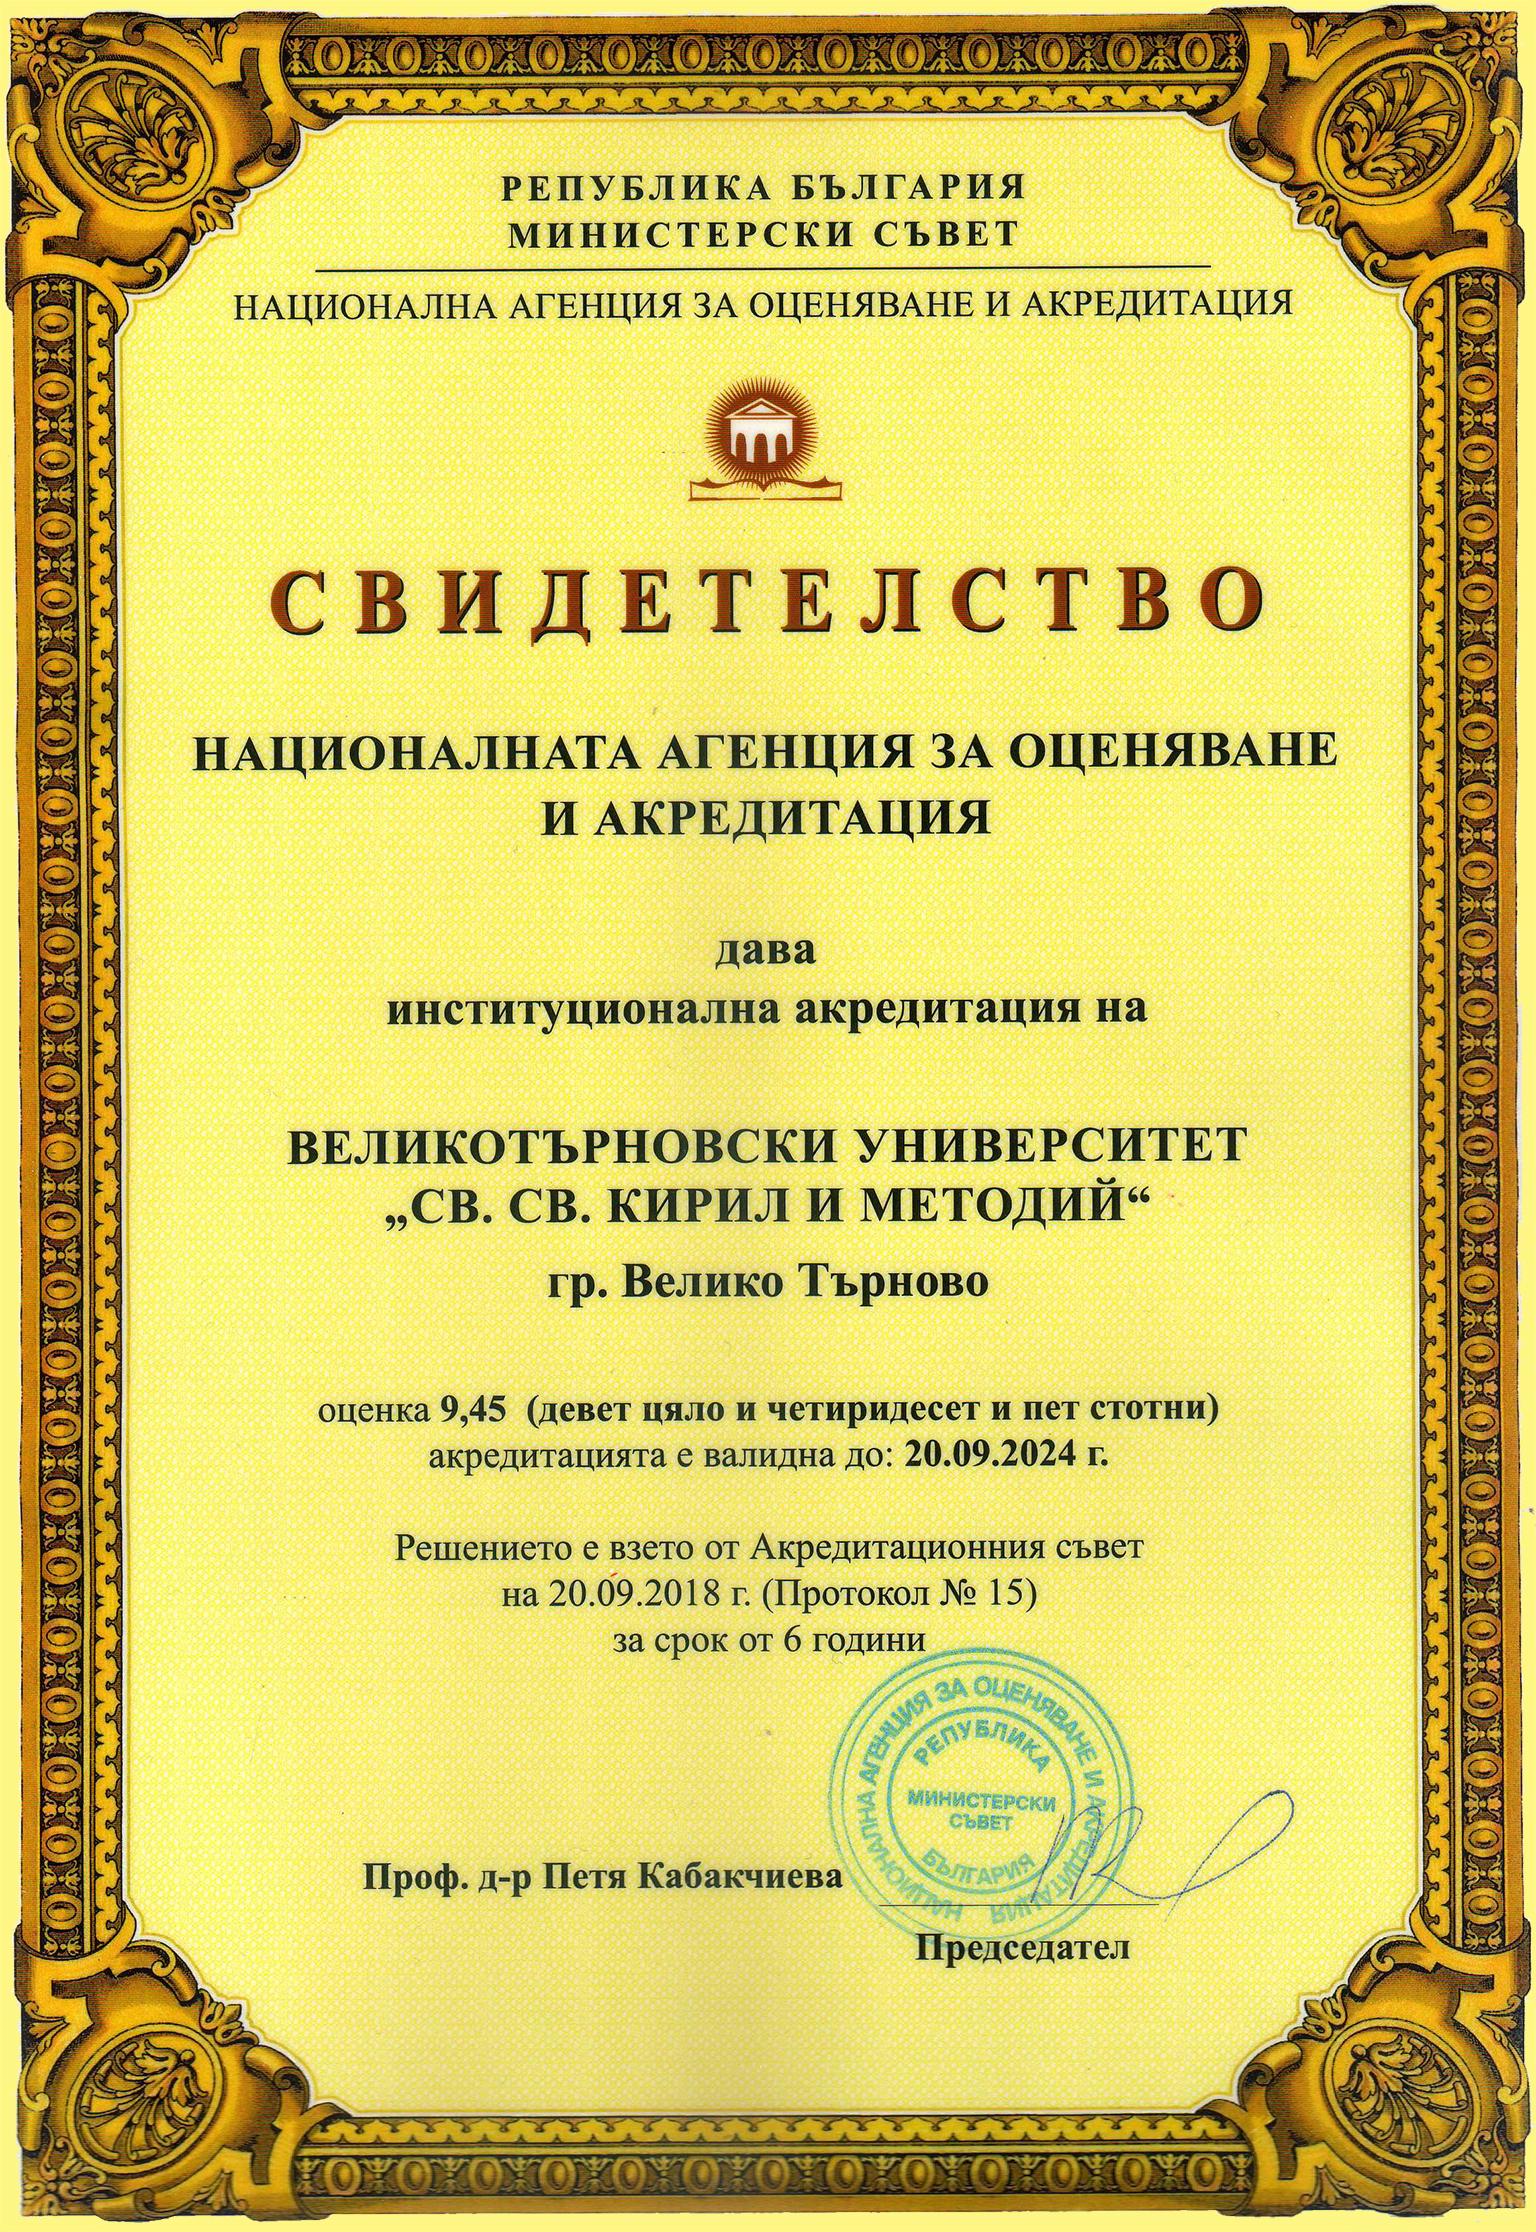 Акредитация на Великотърновски университет